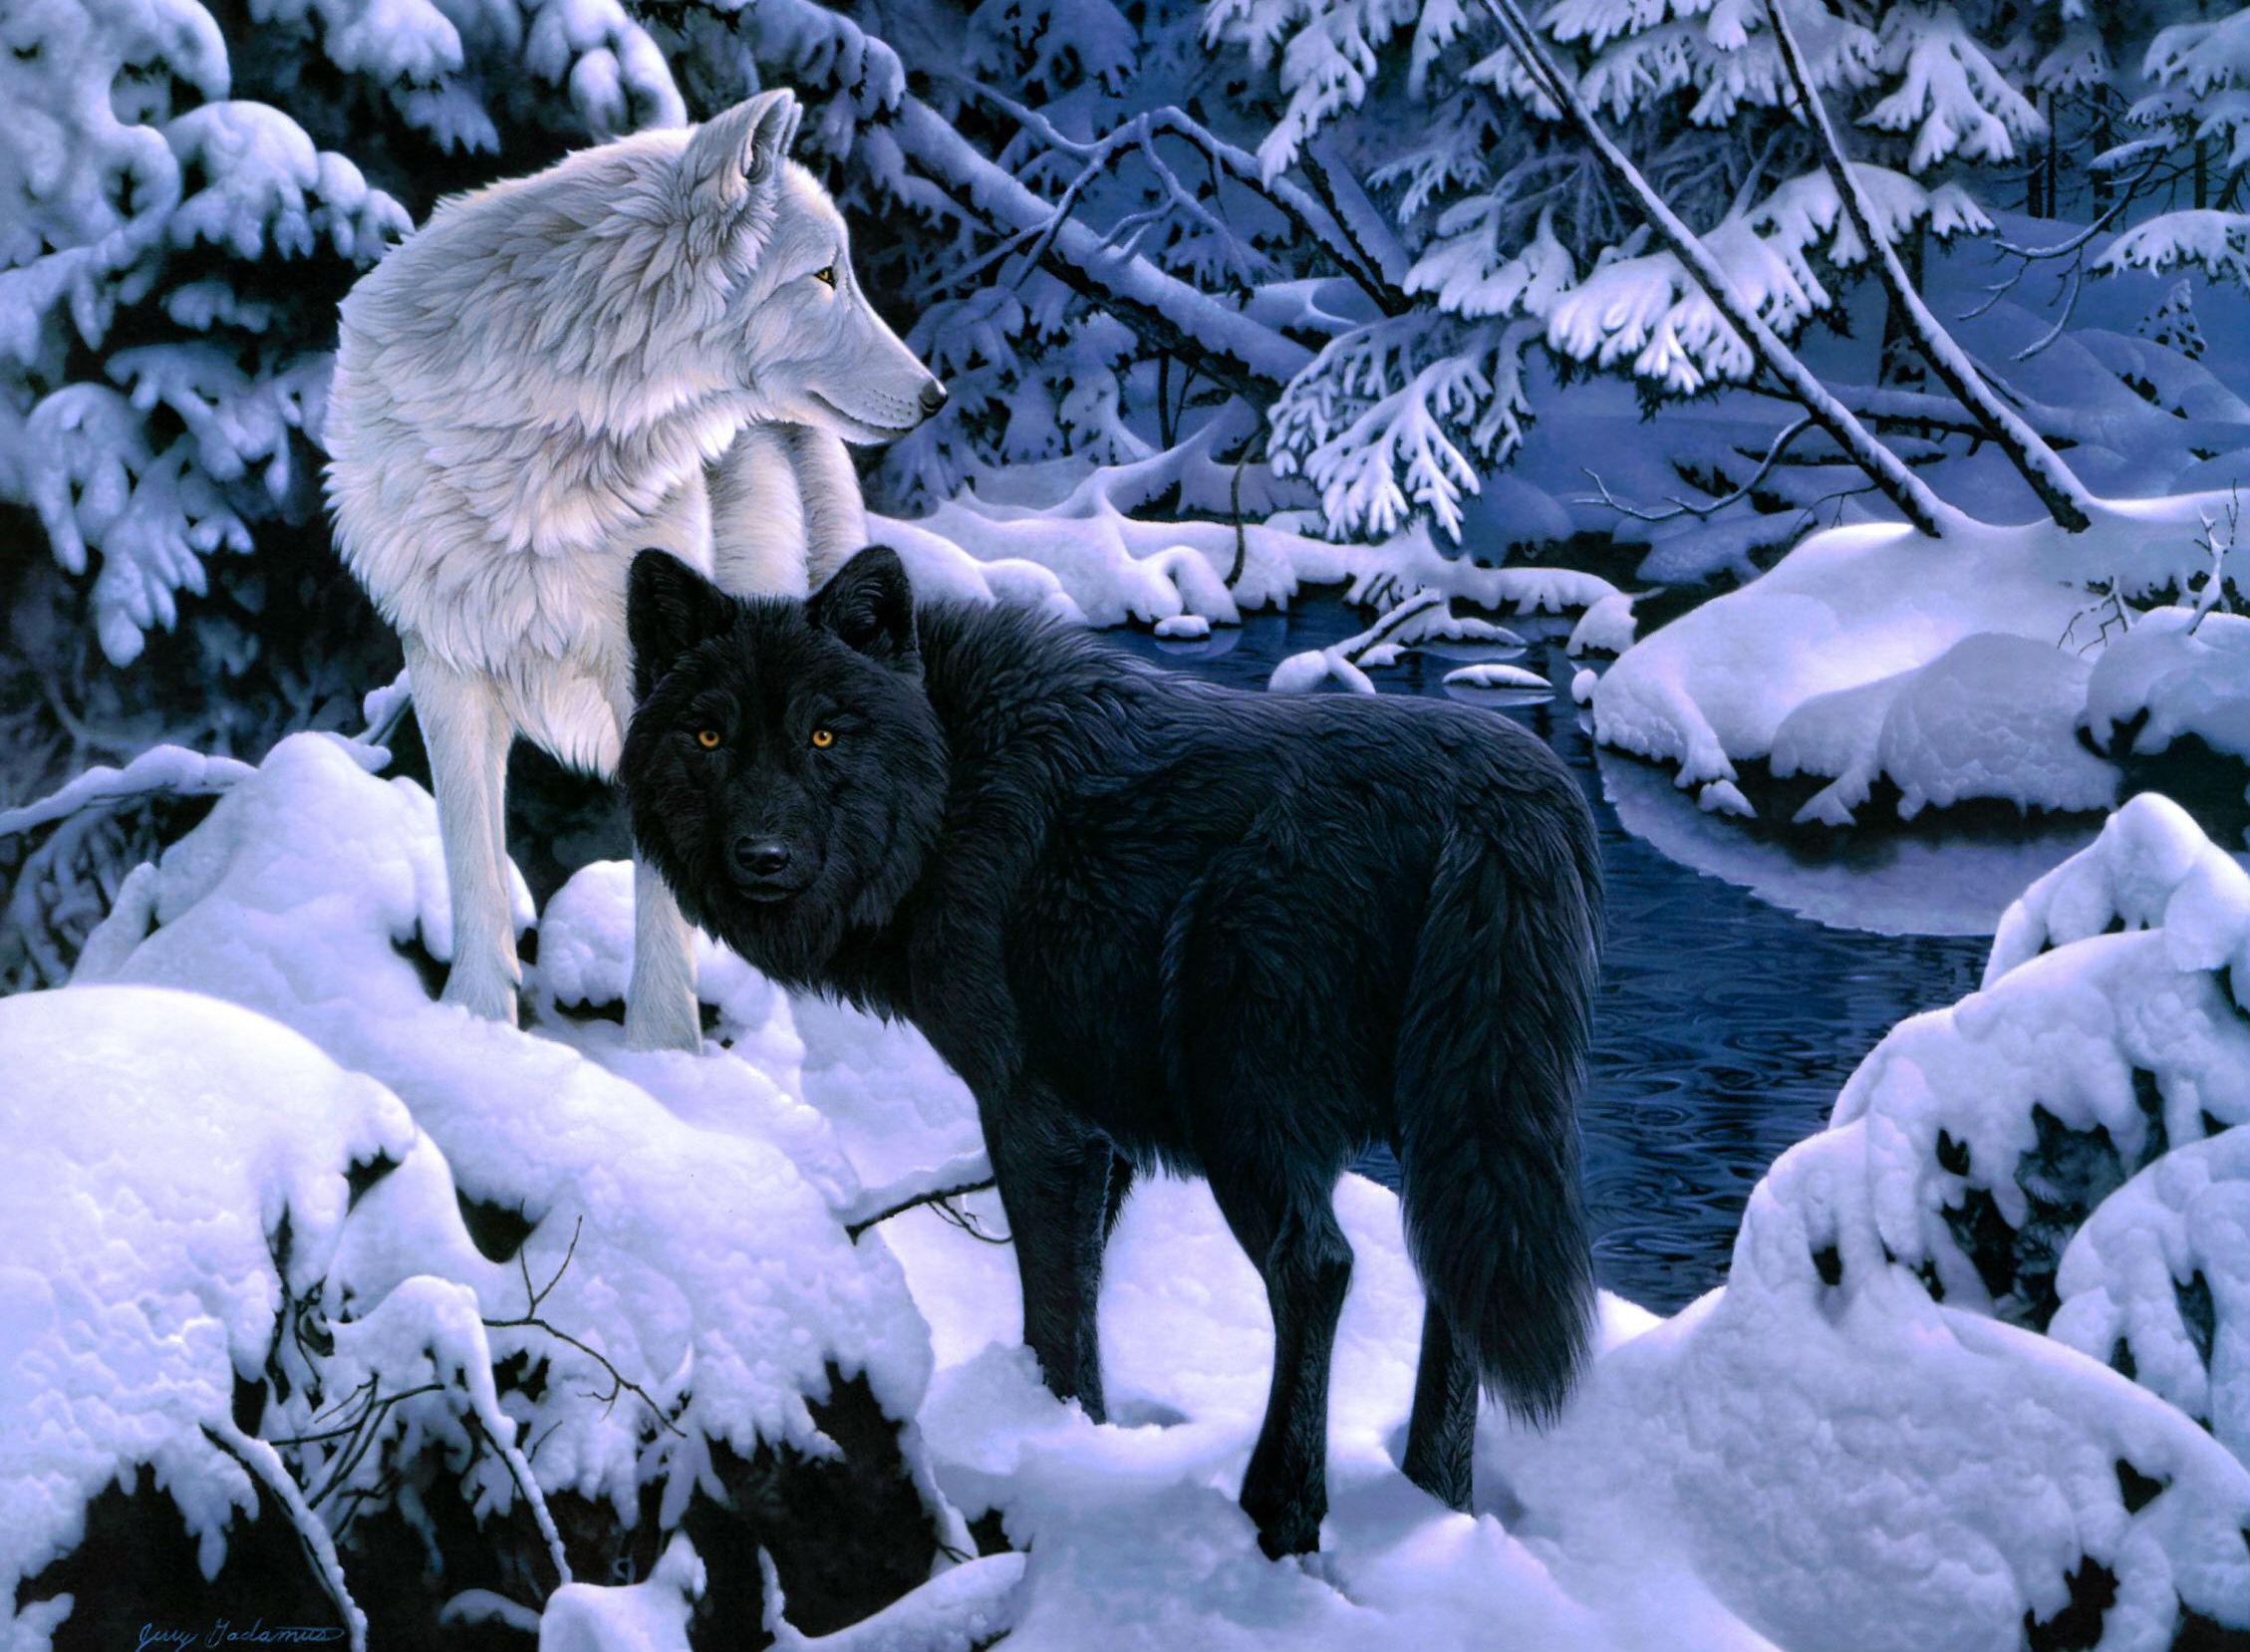 Волки рисованные 2 (60 обоев) » Смотри Красивые Обои, Wallpapers ...